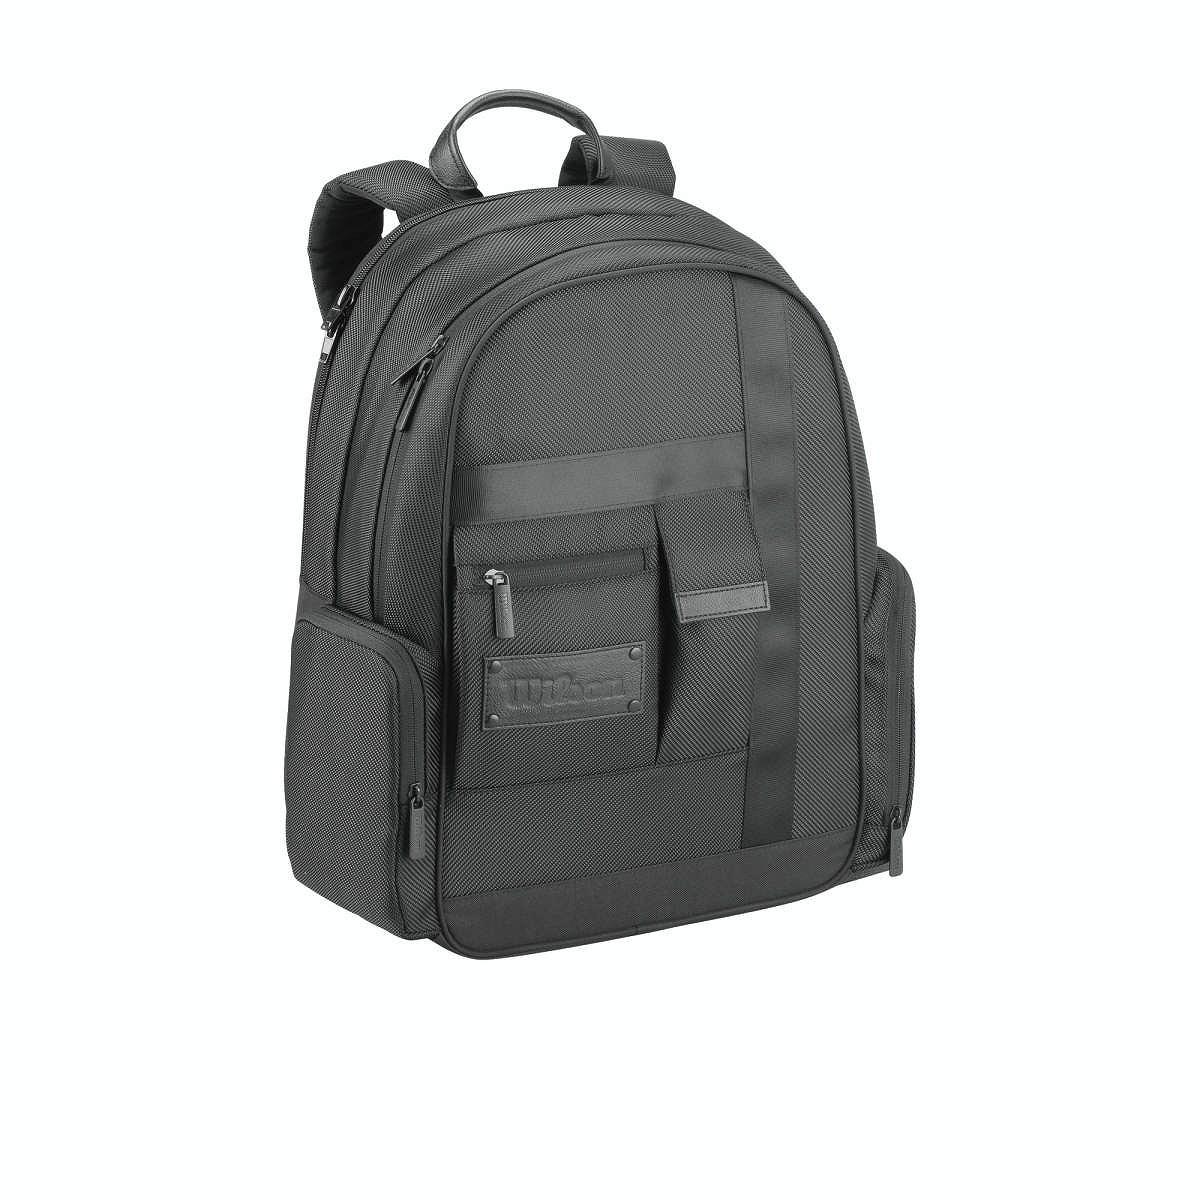 Plecak tenisowy  Wilson Agency Backpack